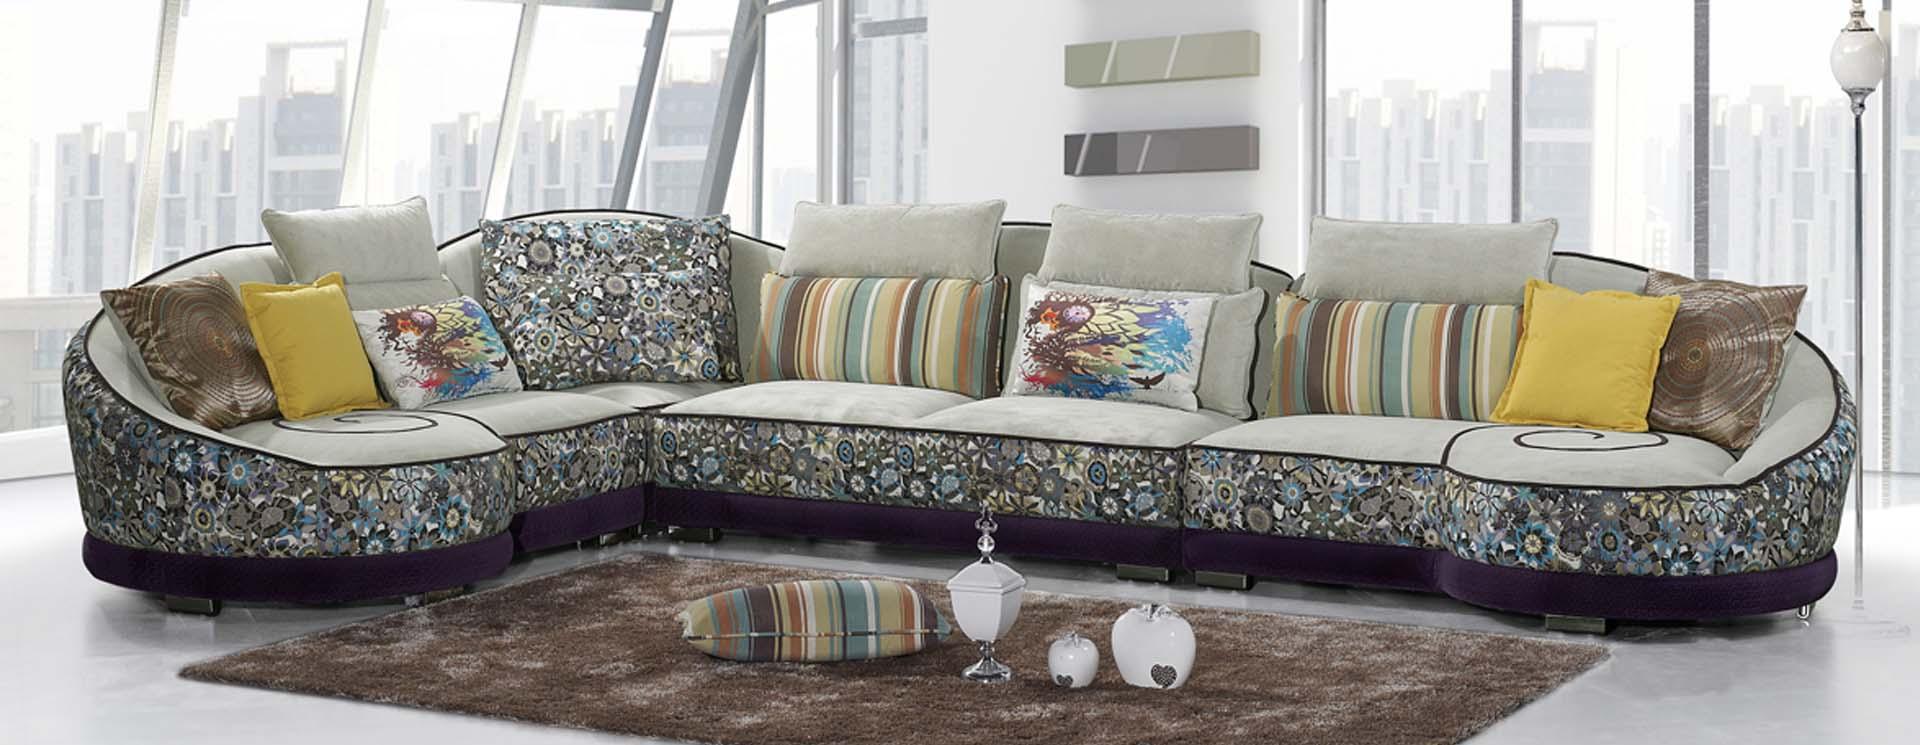 名称:沙发E-668A#<br/> 市场价:<font style='color:#999;text-decoration:line-through;'>¥0</font><br />全国统一零售价:<font color='Red'>¥0.0</font>